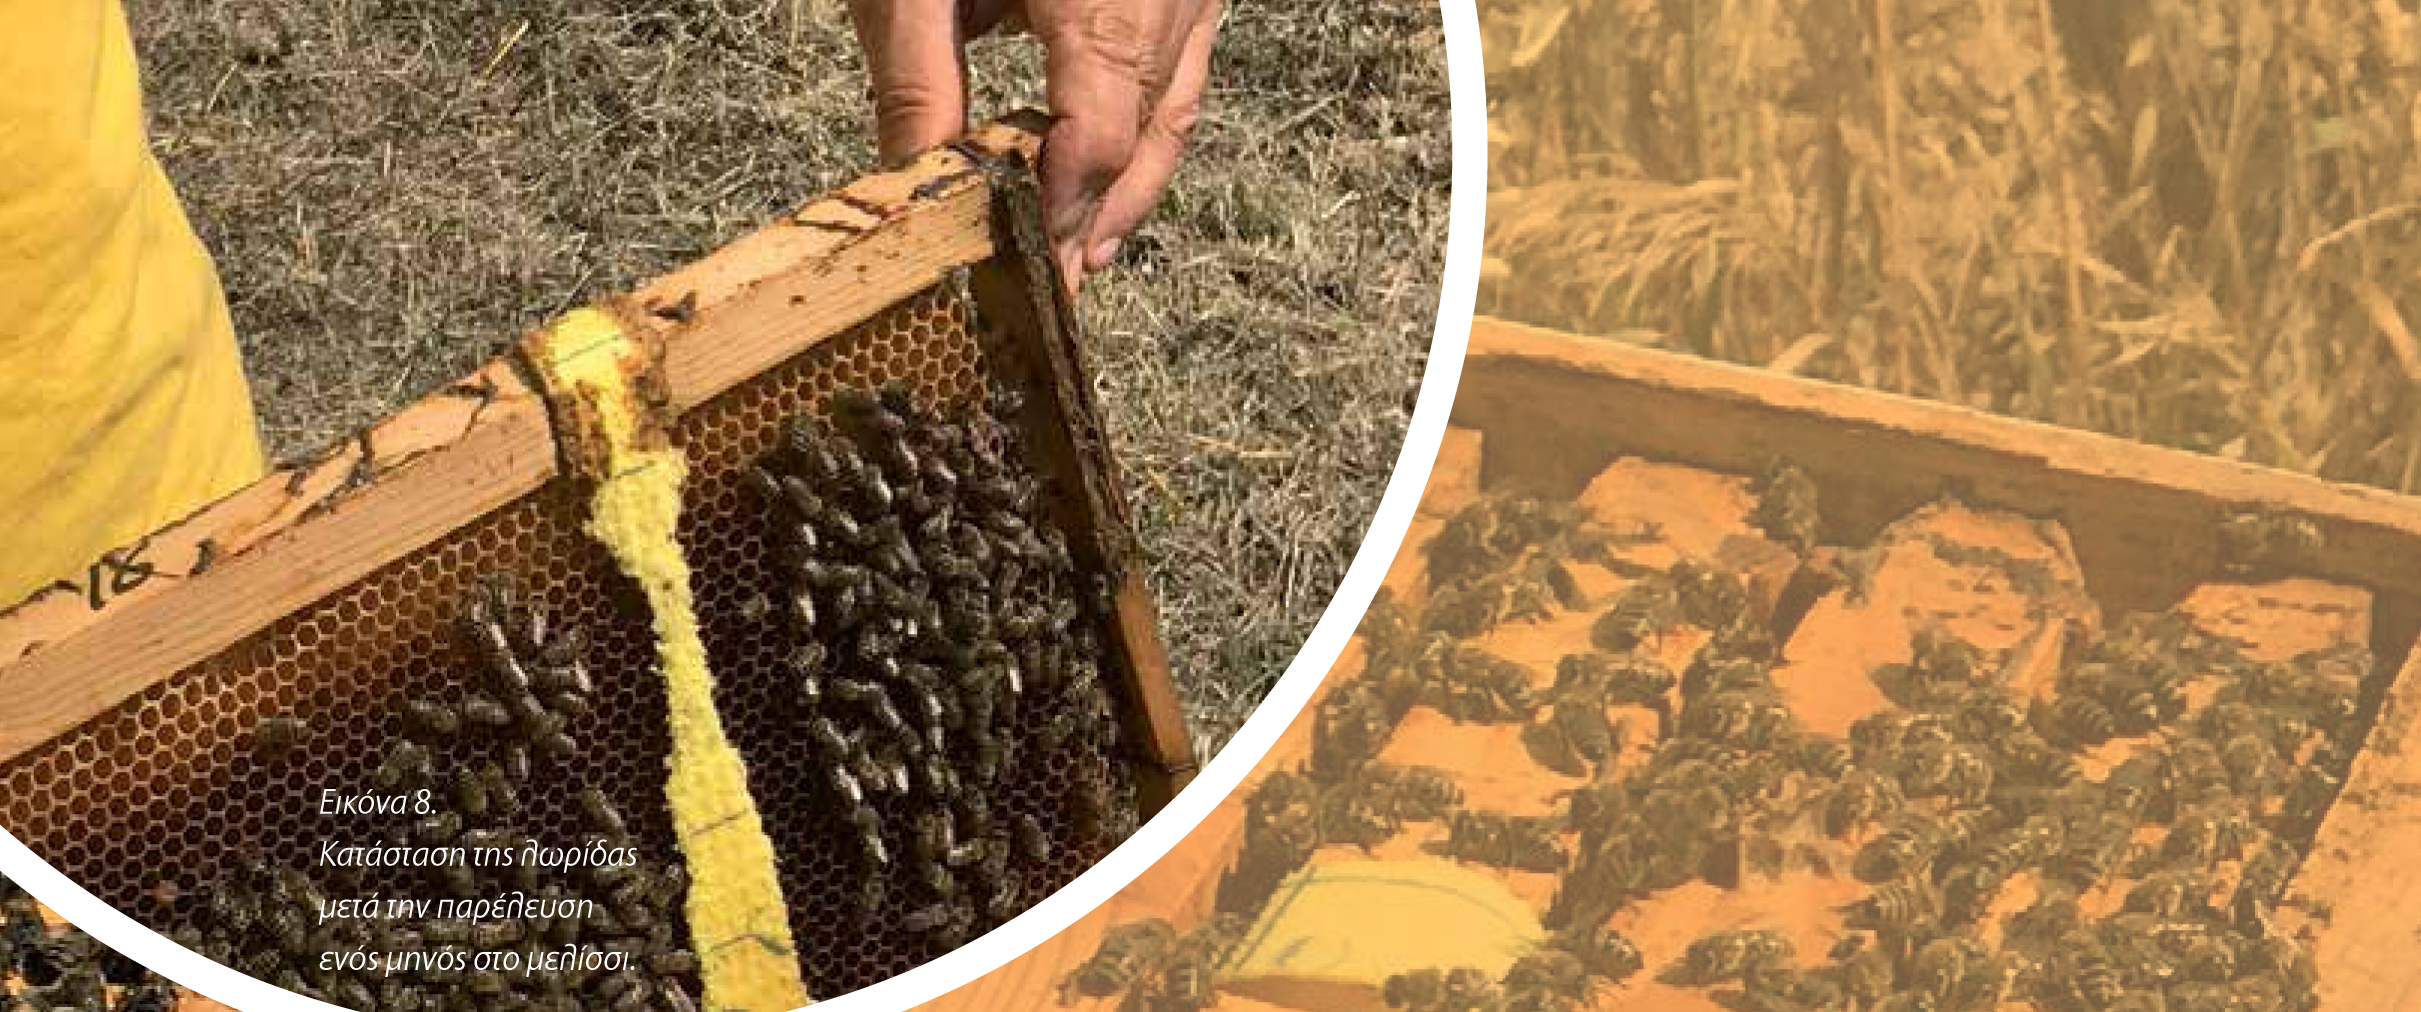 Εικ. 8, Κατάσταση της λωρίδας μετά την παρέλευση ενός μηνός στο μελίσσι